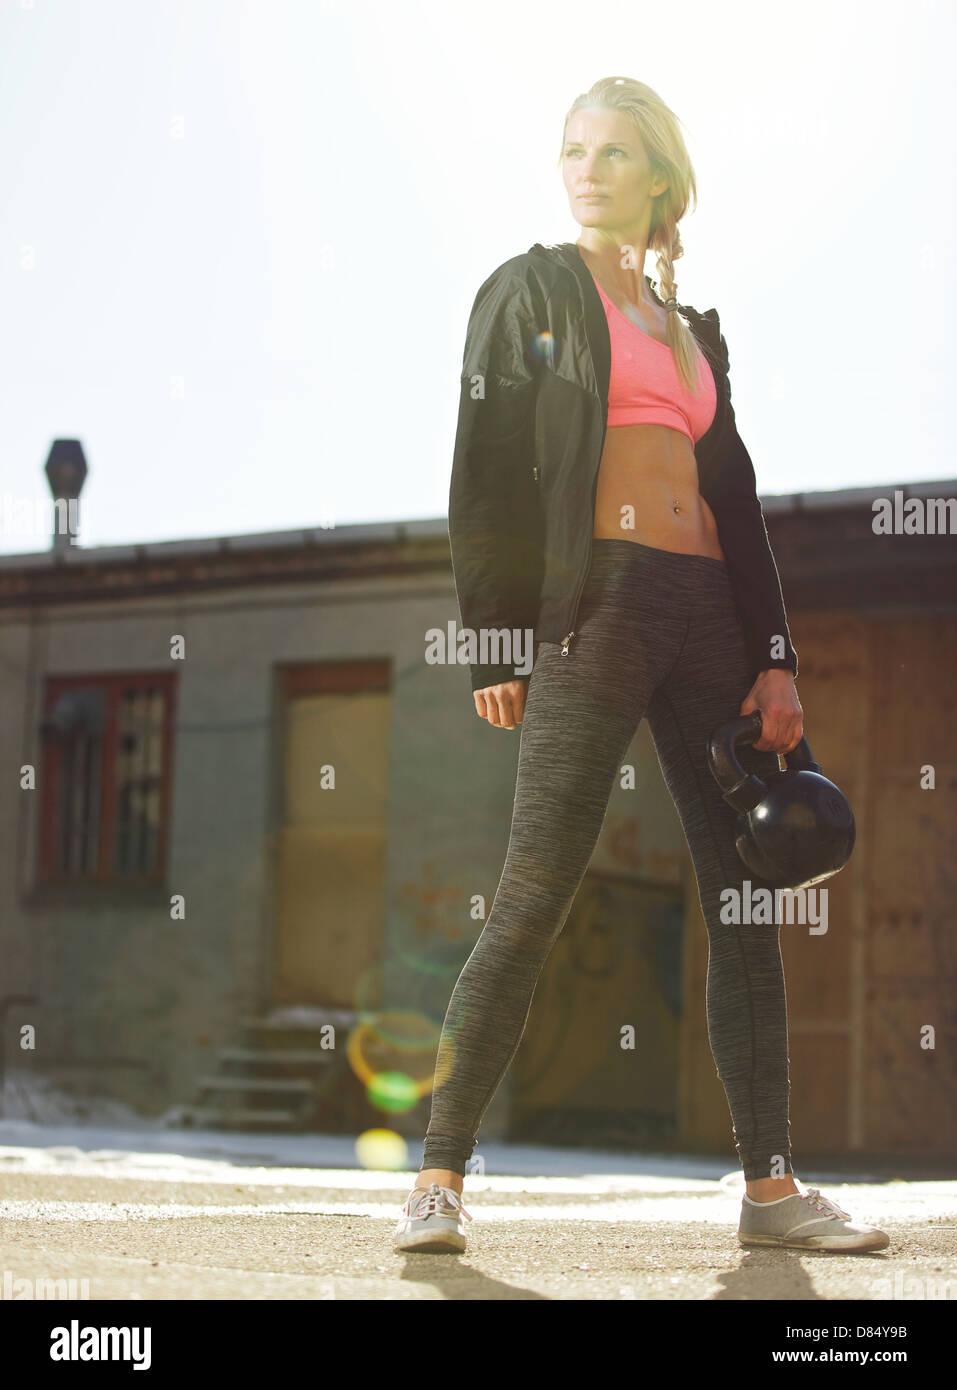 Crossfit atractiva mujer sosteniendo un kettlebell en ropa deportiva al aire libre Imagen De Stock